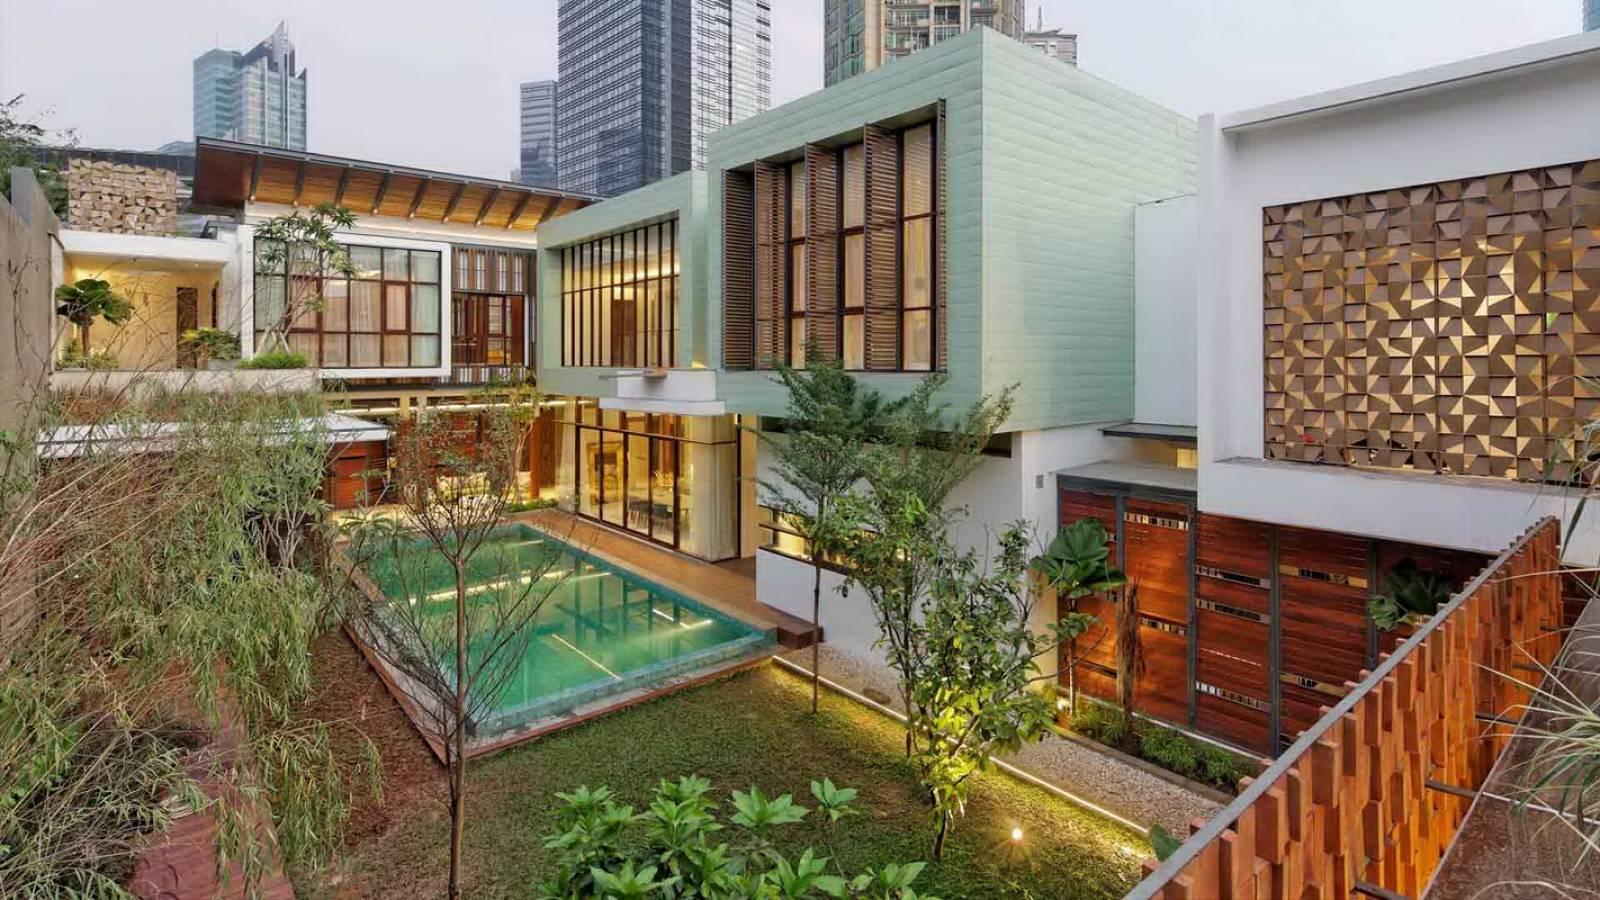 Atelier Cosmas Gozali Denpasar Residence At Kuningan Jakarta, Indonesia Jakarta, Indonesia Backyard View Tropis,modern,tradisional,kontemporer,glass  2290